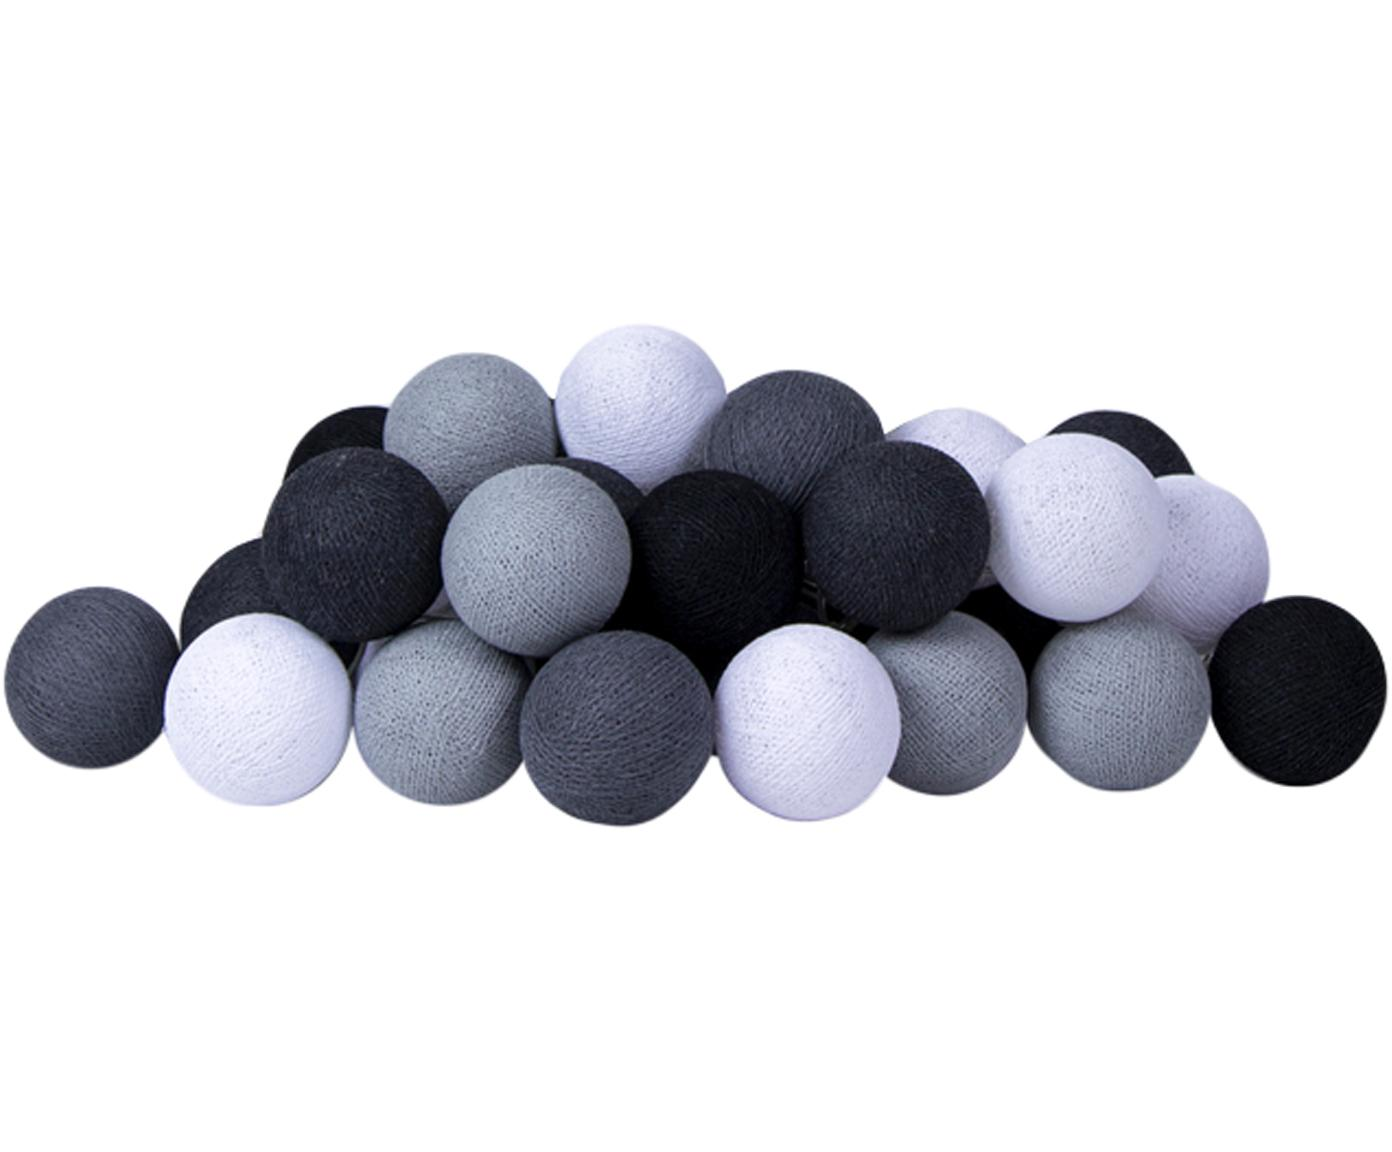 Guirnalda de luces LED Colorain, Linternas: poliéster, Cable: plástico, Negro, gris, blanco, L 264 cm